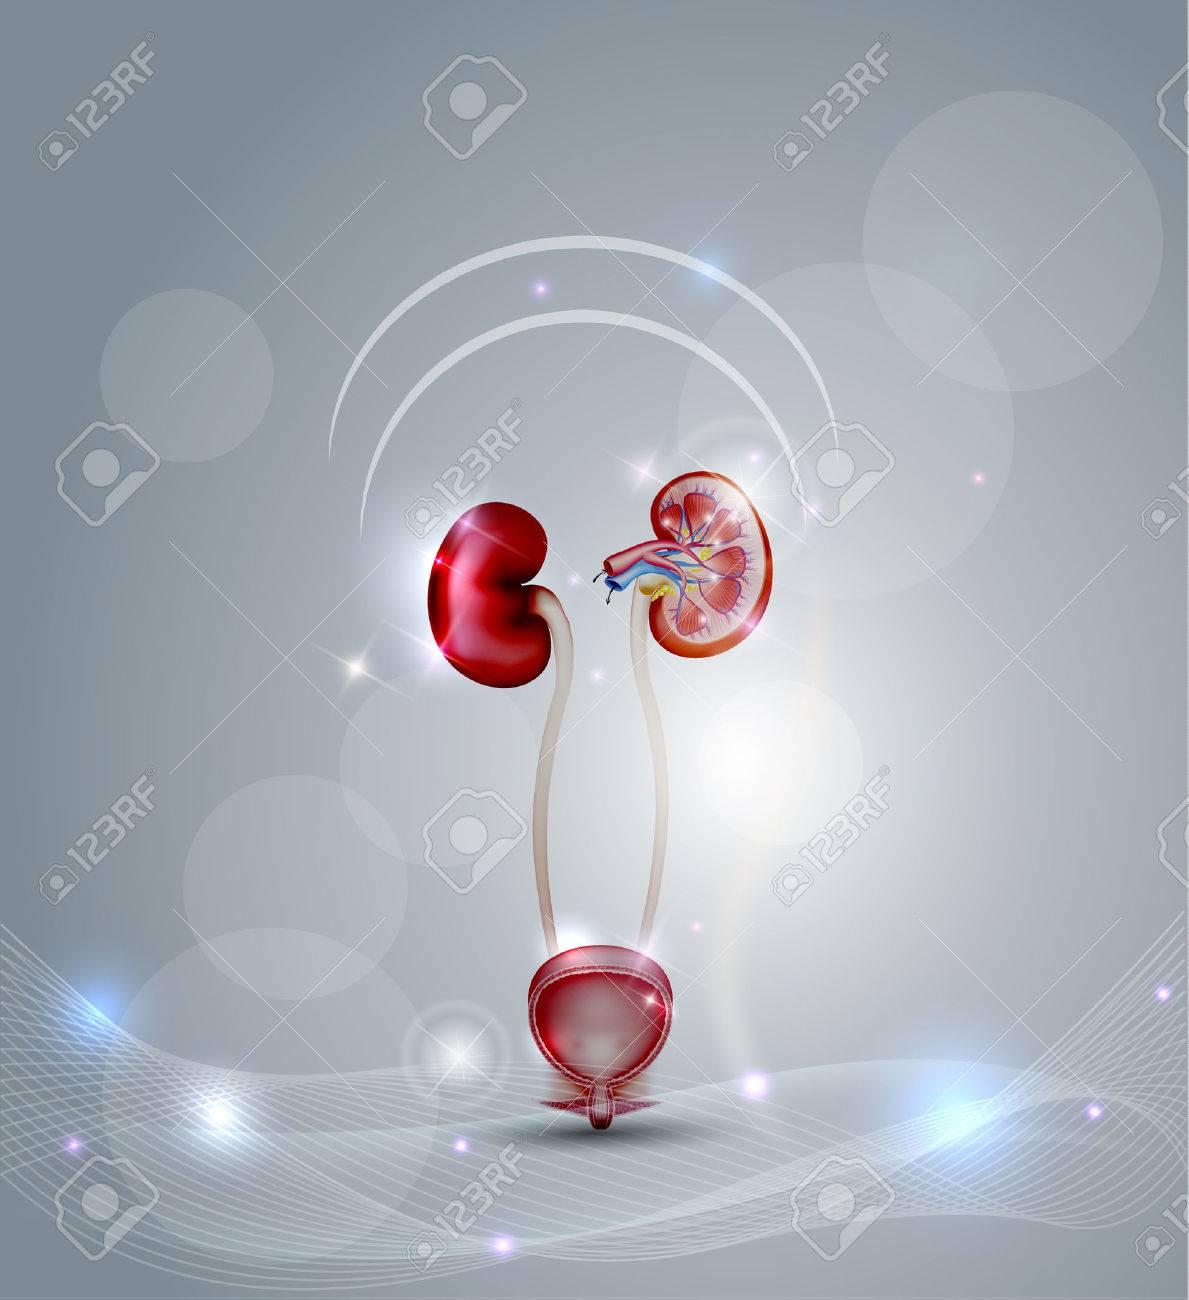 la vessie et des reins, coupe détaillée du rein et de la vessie. Belle fond abstrait avec des lumières. Banque d'images - 47999997